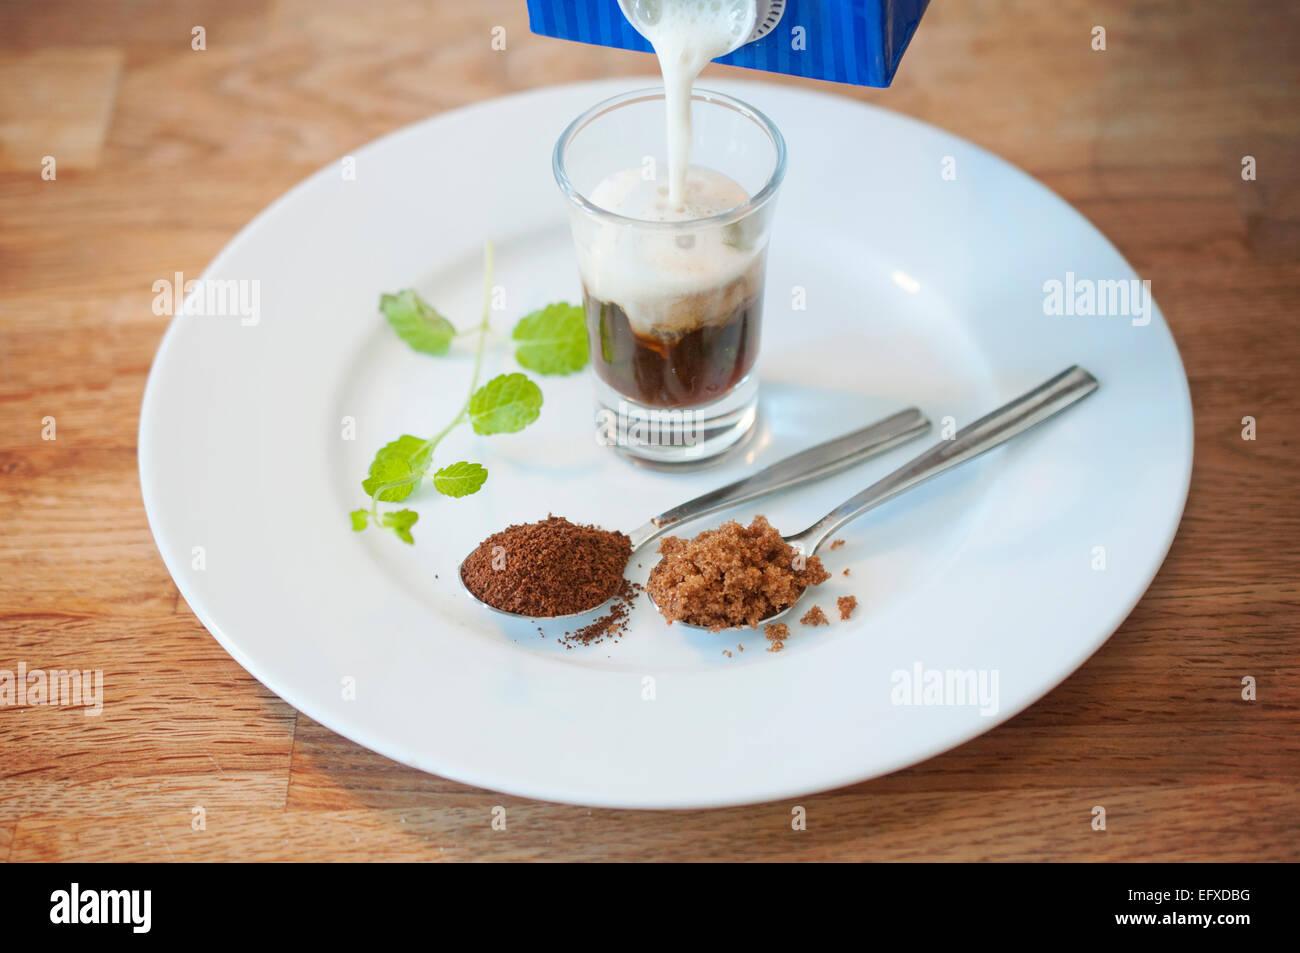 Hausgemachte Spezialitäten-Kaffee-Getränk mit frischer Minze, brauner Zucker und aufgeschäumte Sojamilch. Stockbild